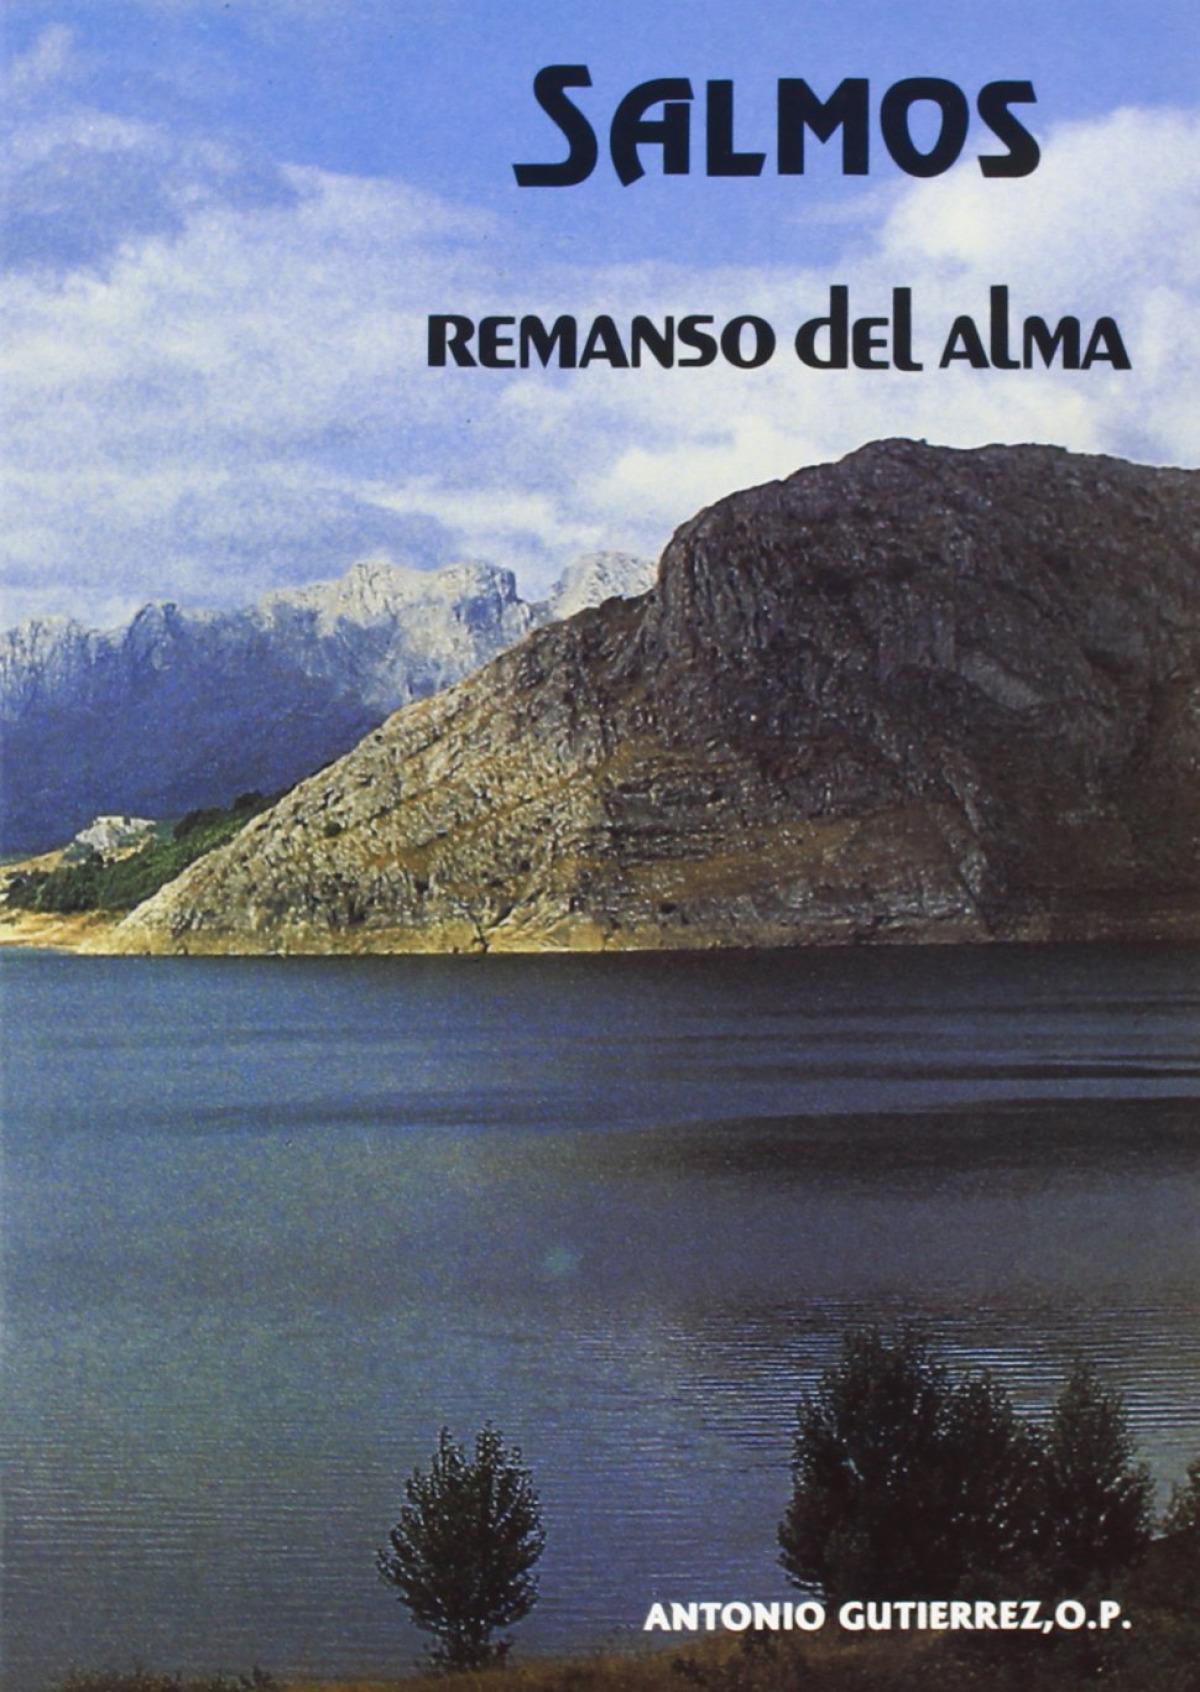 Salmos: remanso del alma - Gutiérrez, Antonio